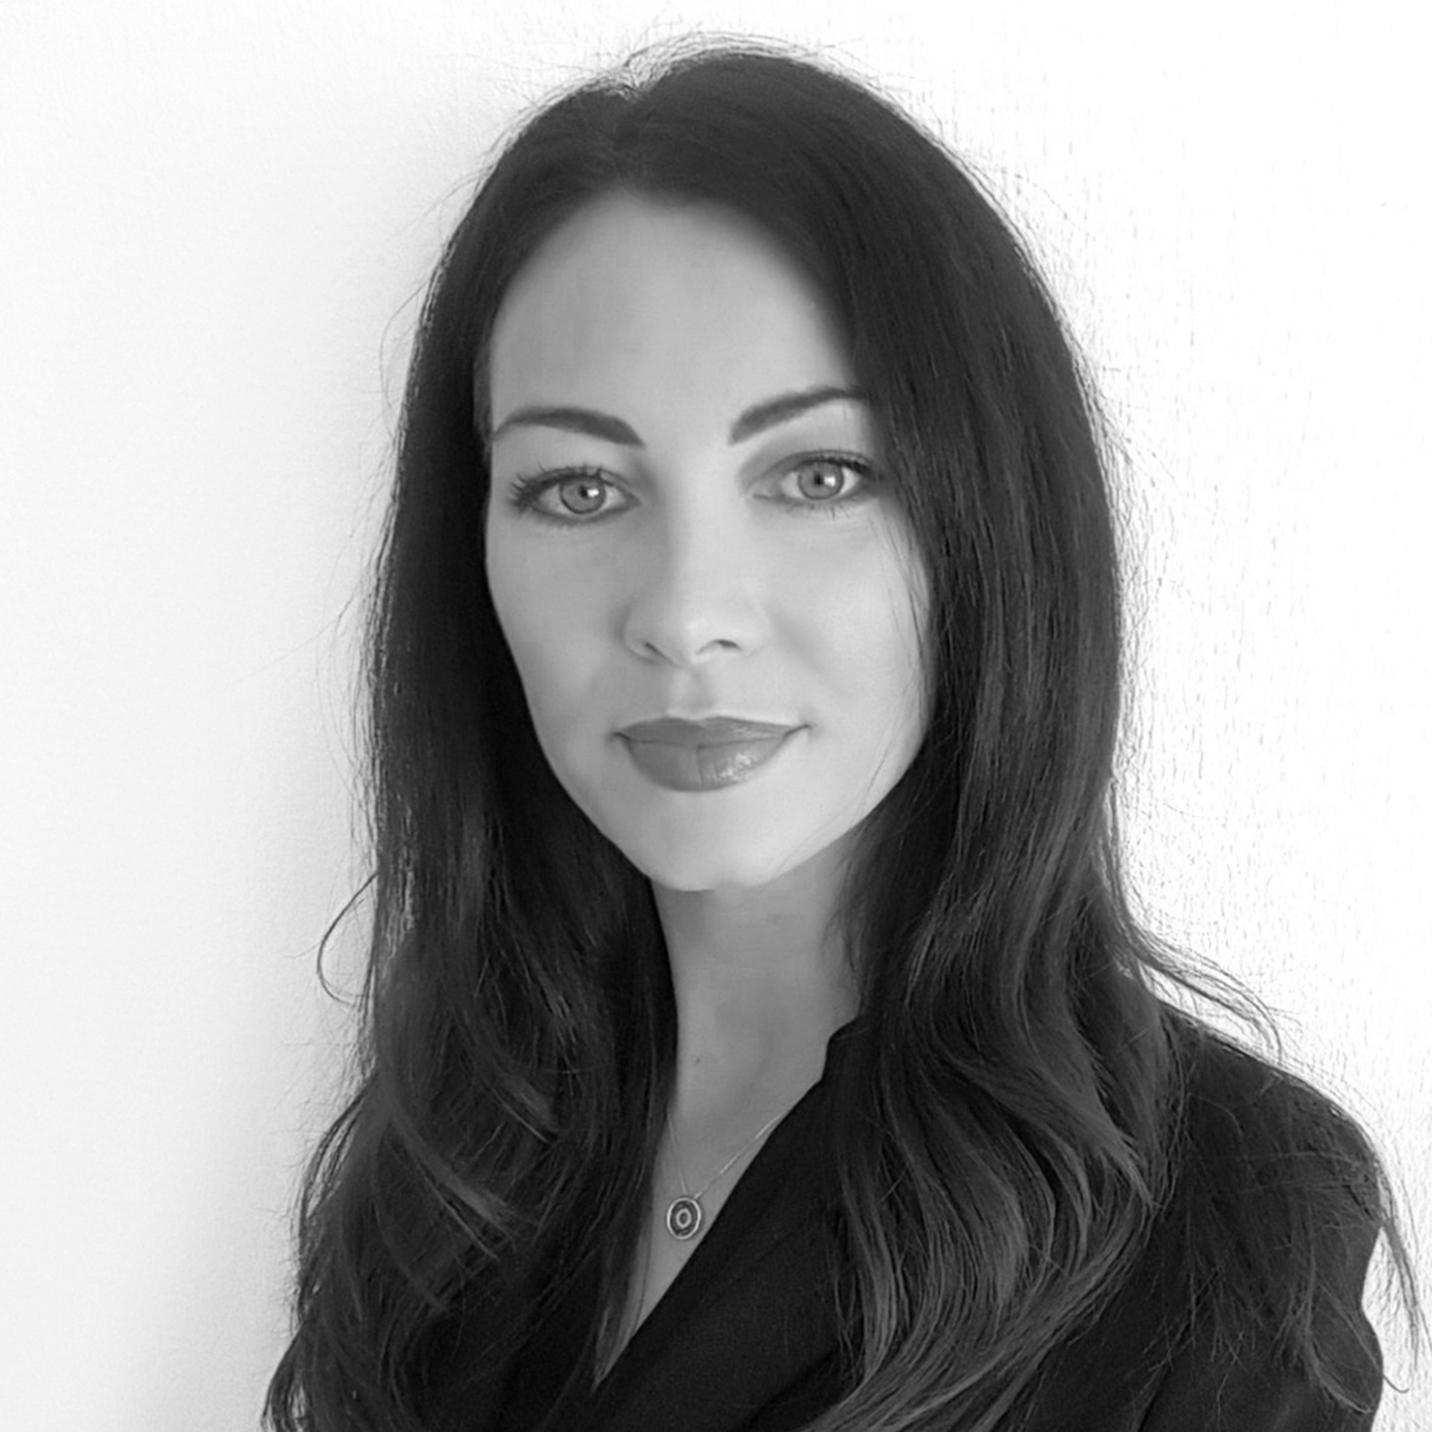 """PAMELA REDAELLI     ....Directrice..Managing Director....   ....Pamela Redaelli a fondé PR & co en mars 2014, après avoir évolué plus de dix ans dans le monde des relations publiques, de la communication et de l'organisation d'événements. Elle a notamment géré l'organisation du Grand Prix d'Horlogerie de Genève (GPHG) pendant plusieurs années, après avoir été Responsable de la communication à la Fondation Martin Bodmer au début de sa carrière. Pamela Redaelli a développé un solide réseau de contacts et une réelle passion pour ce métier de rencontres et de partage en constante évolution. ..Pamela Redaelli has founded PR & co in 2014, after eight years of experience in the field of public relations, communication and event organization. She especially managed the organisation of the """"Grand Prix d'Horlogerie de Genève"""" (GPHG) for several years, after being in charge of the communication at the Martin Bodmer Foundation in the beginning of her carreer. Pamela Redaelli developped a solid network and a true passion for this constantly growing activity made of encounters, gatherings with a sense of sharing. ...."""